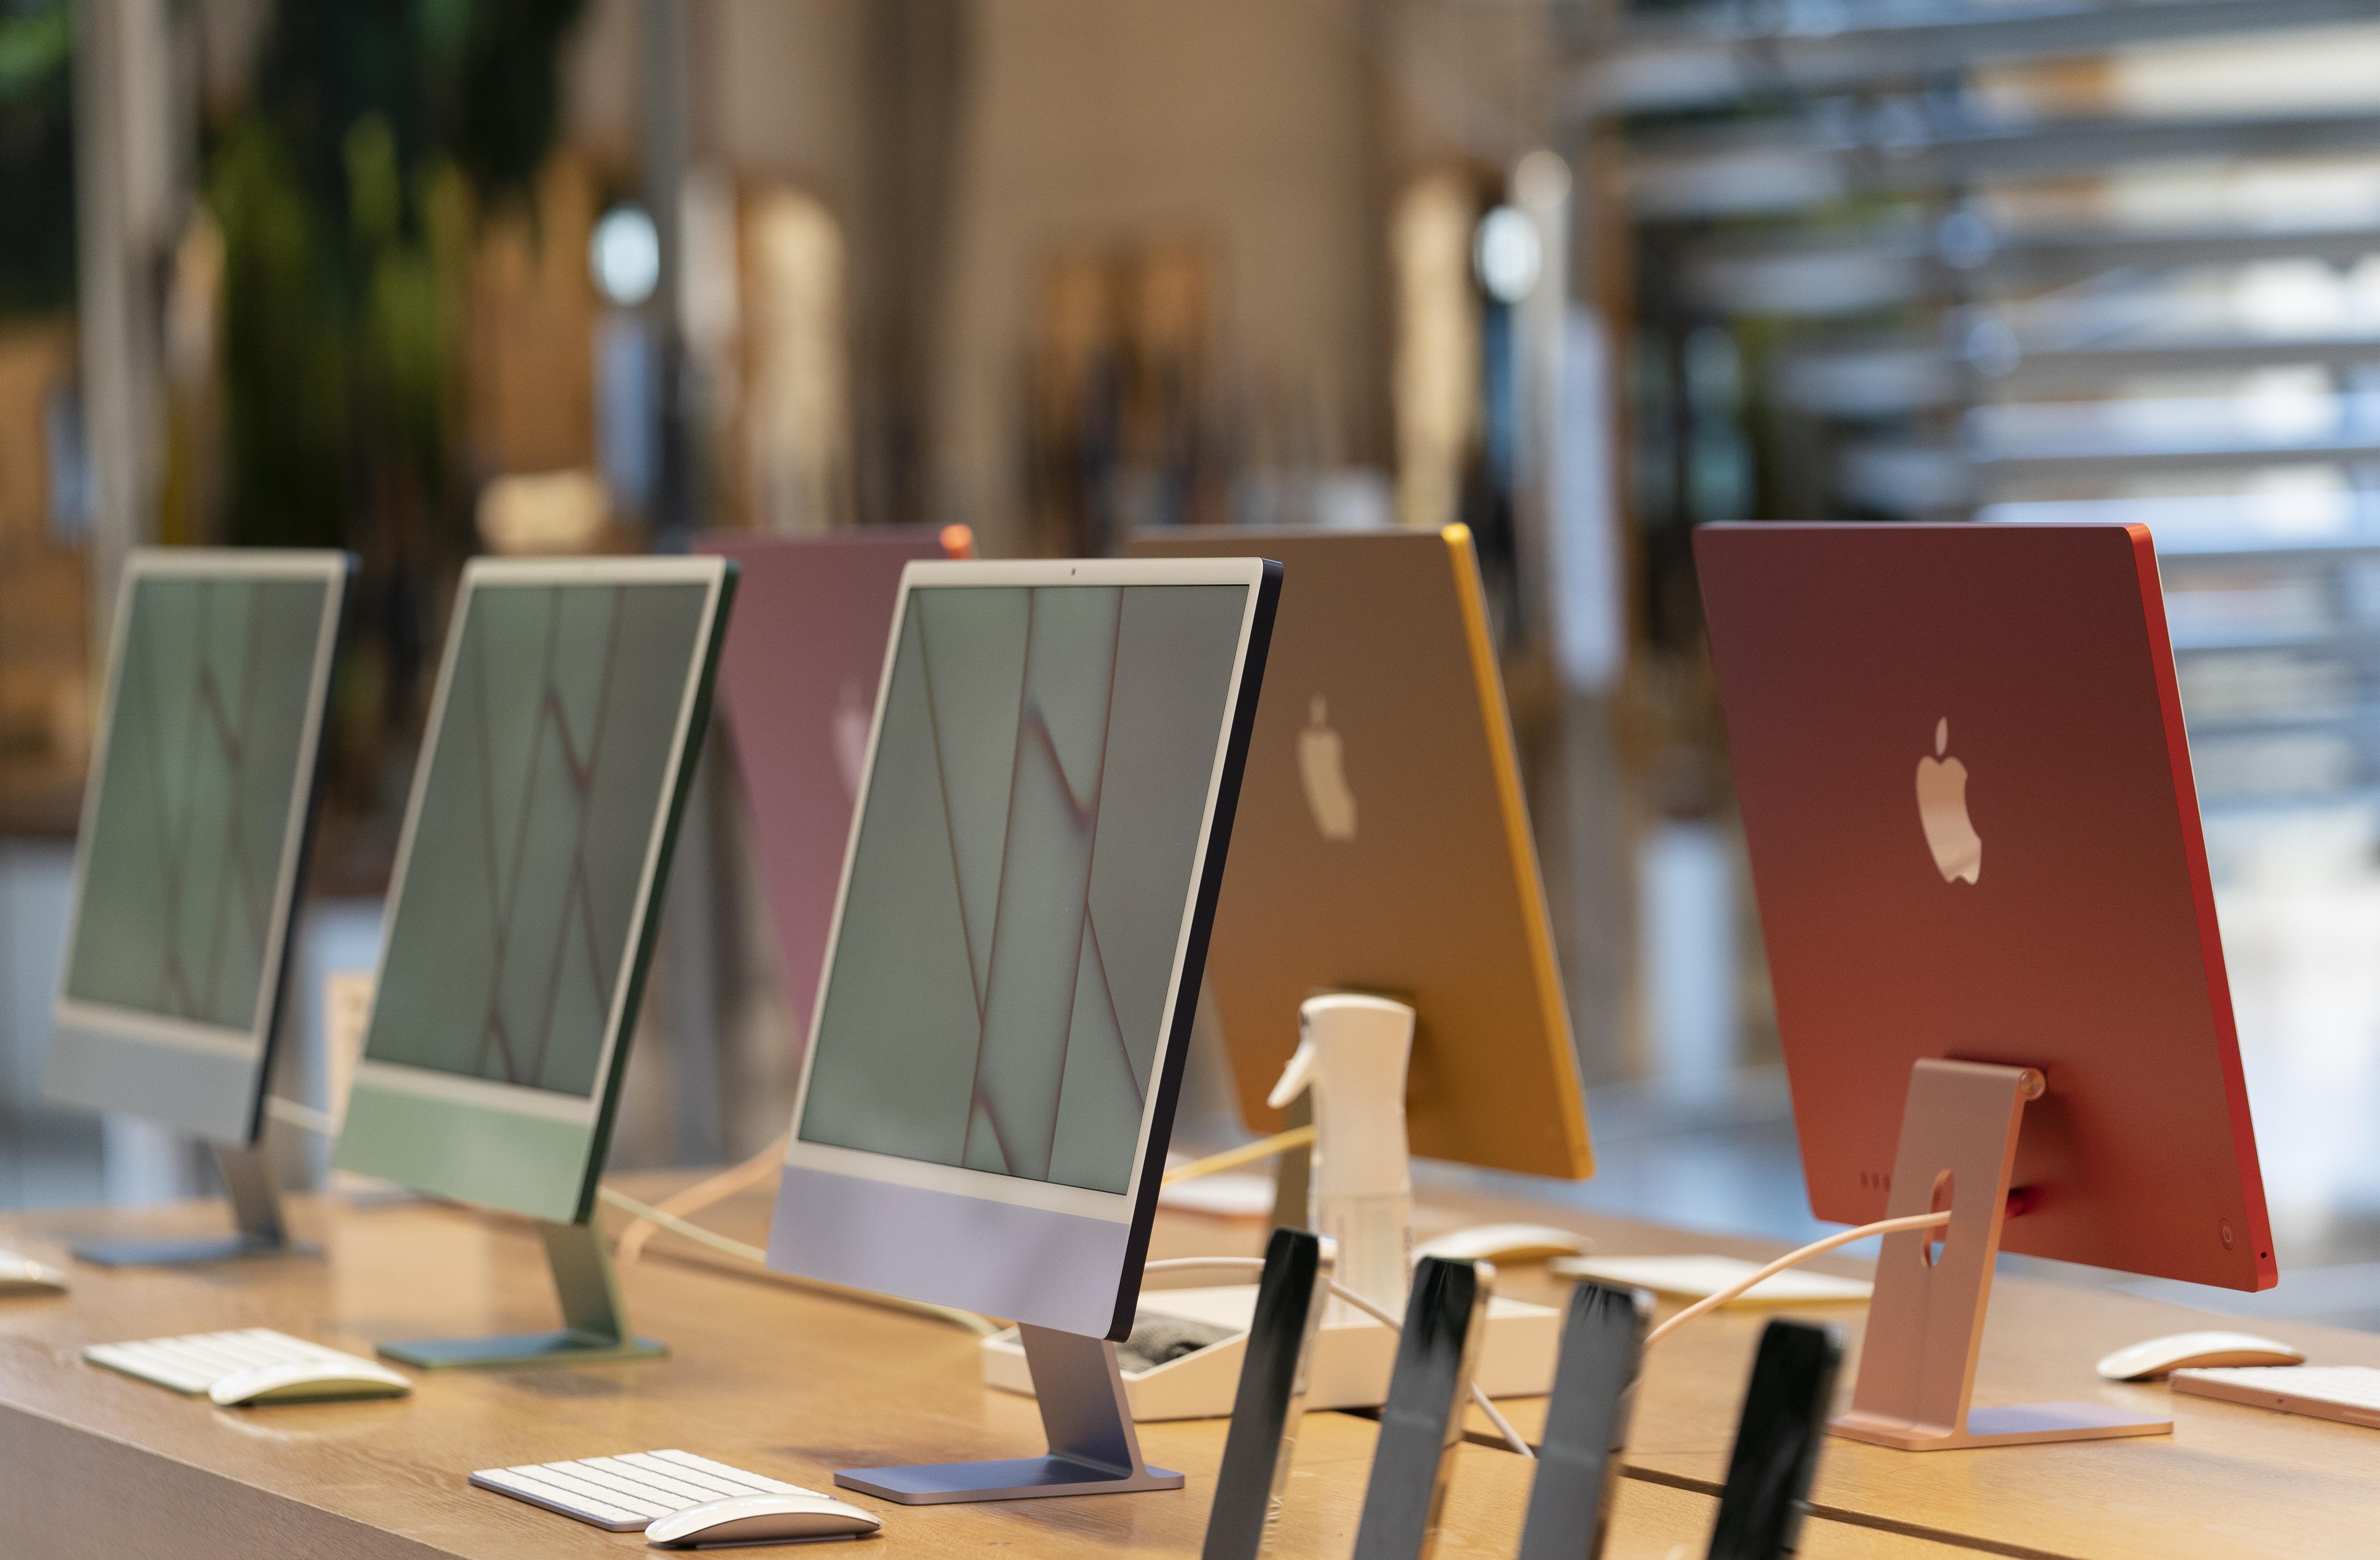 Хакеры получили возможность следить за рядом пользователей Apple